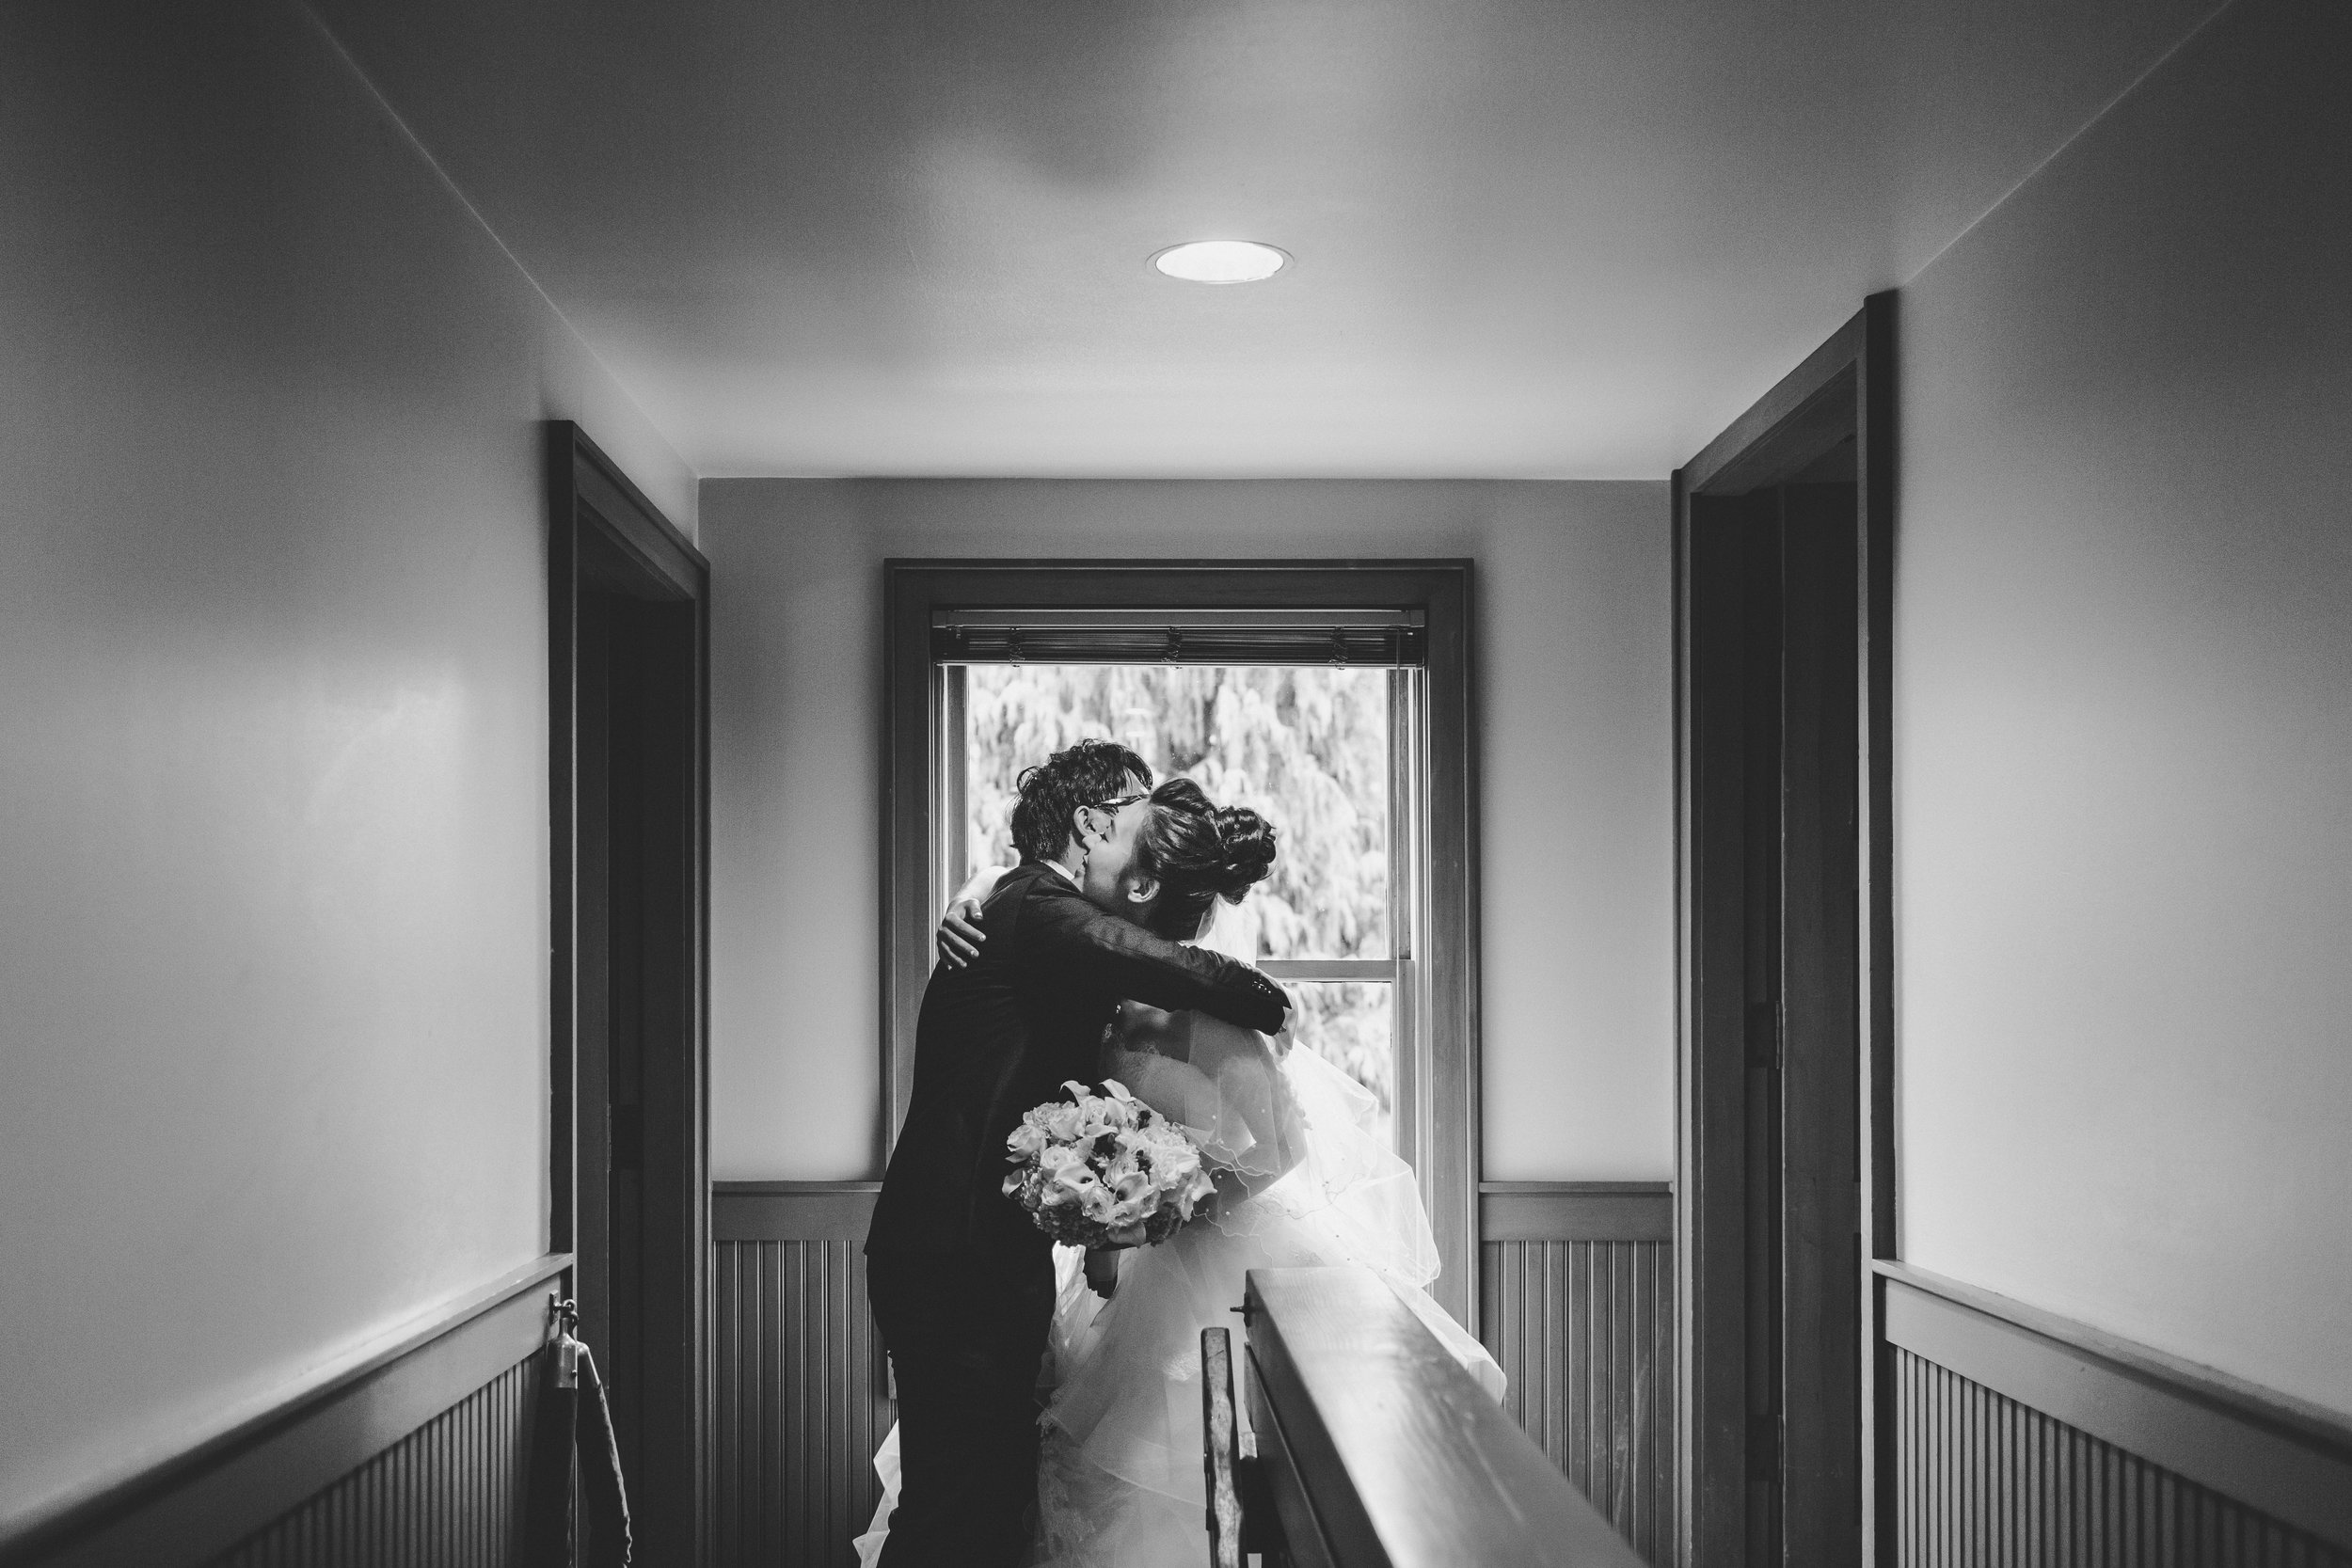 robinswoodhousewedding-portraits-0005.jpg